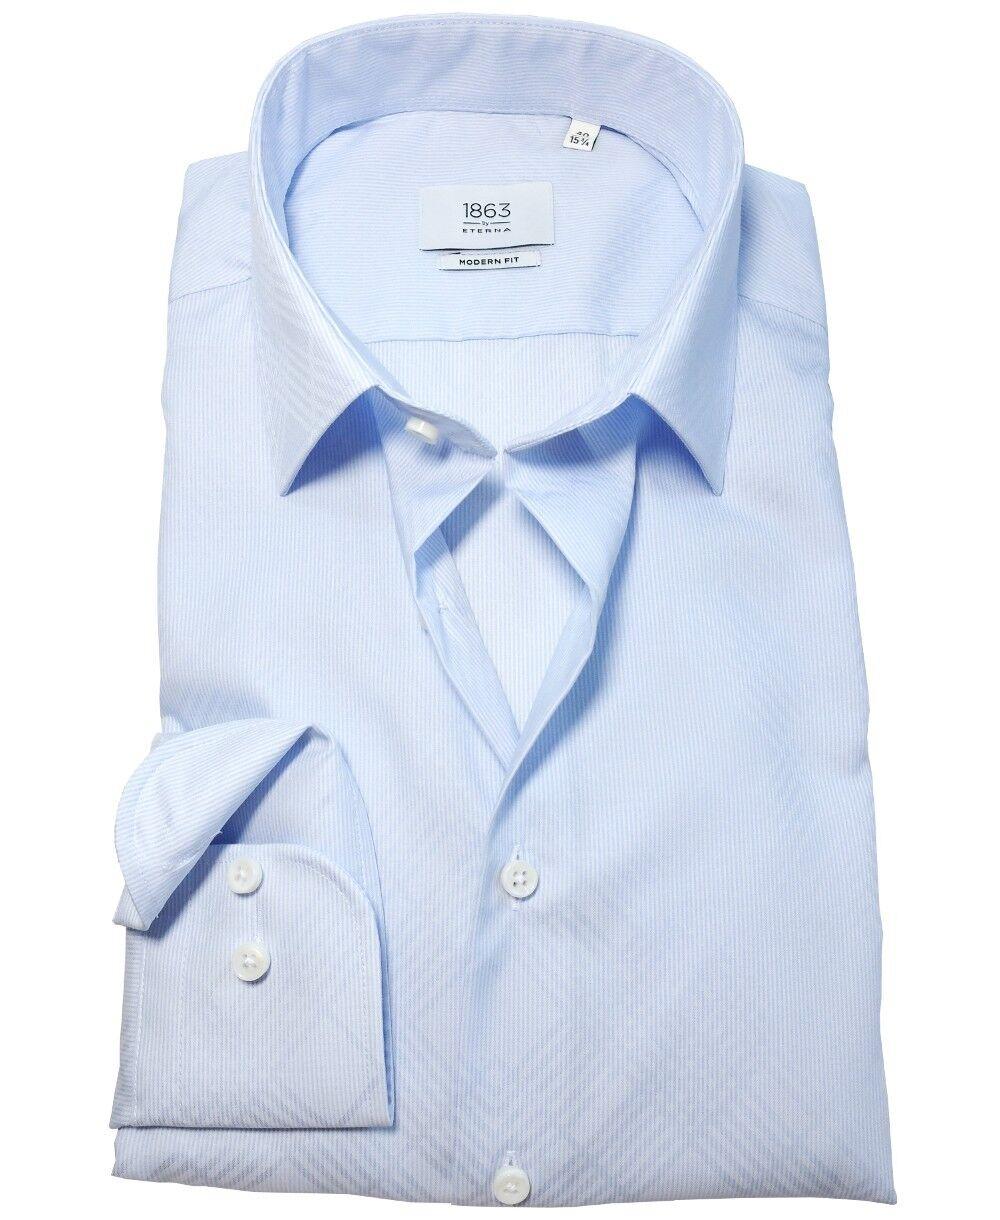 eterna 1863 Premium Langarmhemd Modern Fit in hellblau weiss Jaquard Gr. 38 - 48